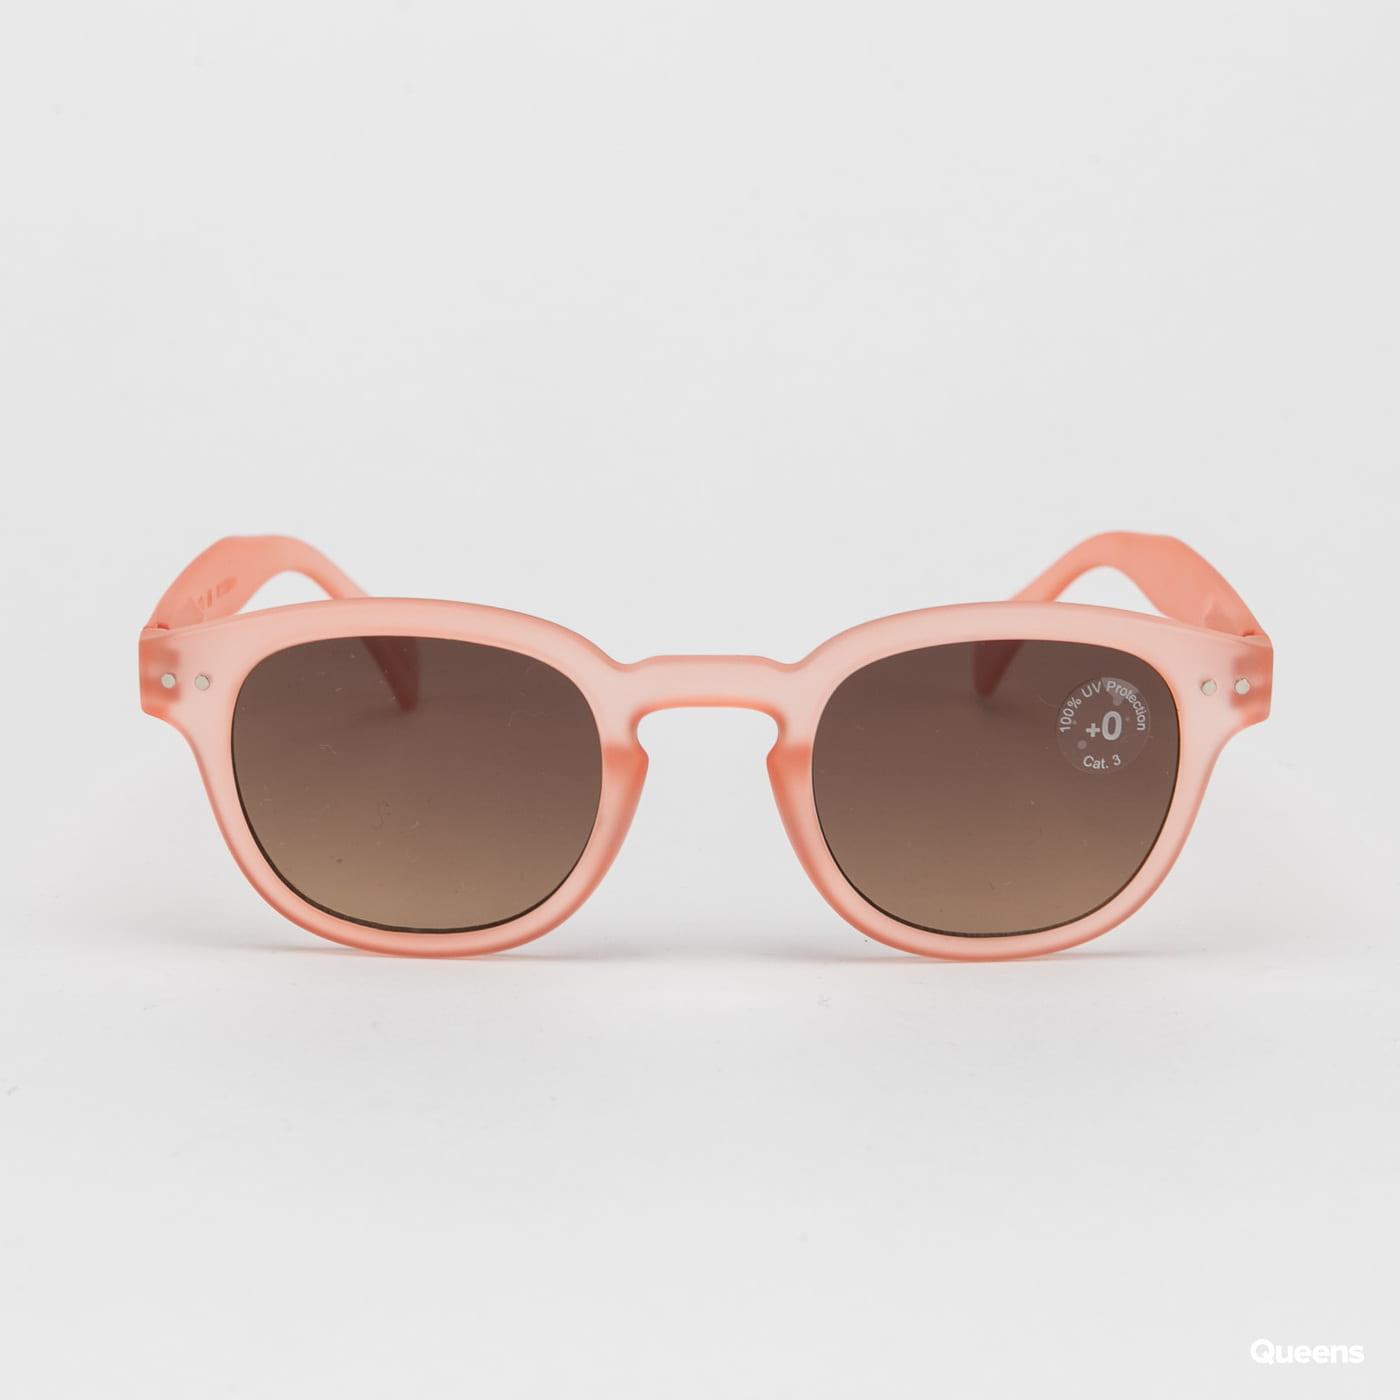 IZIPIZI Sunglasses #C světle růžové / černé